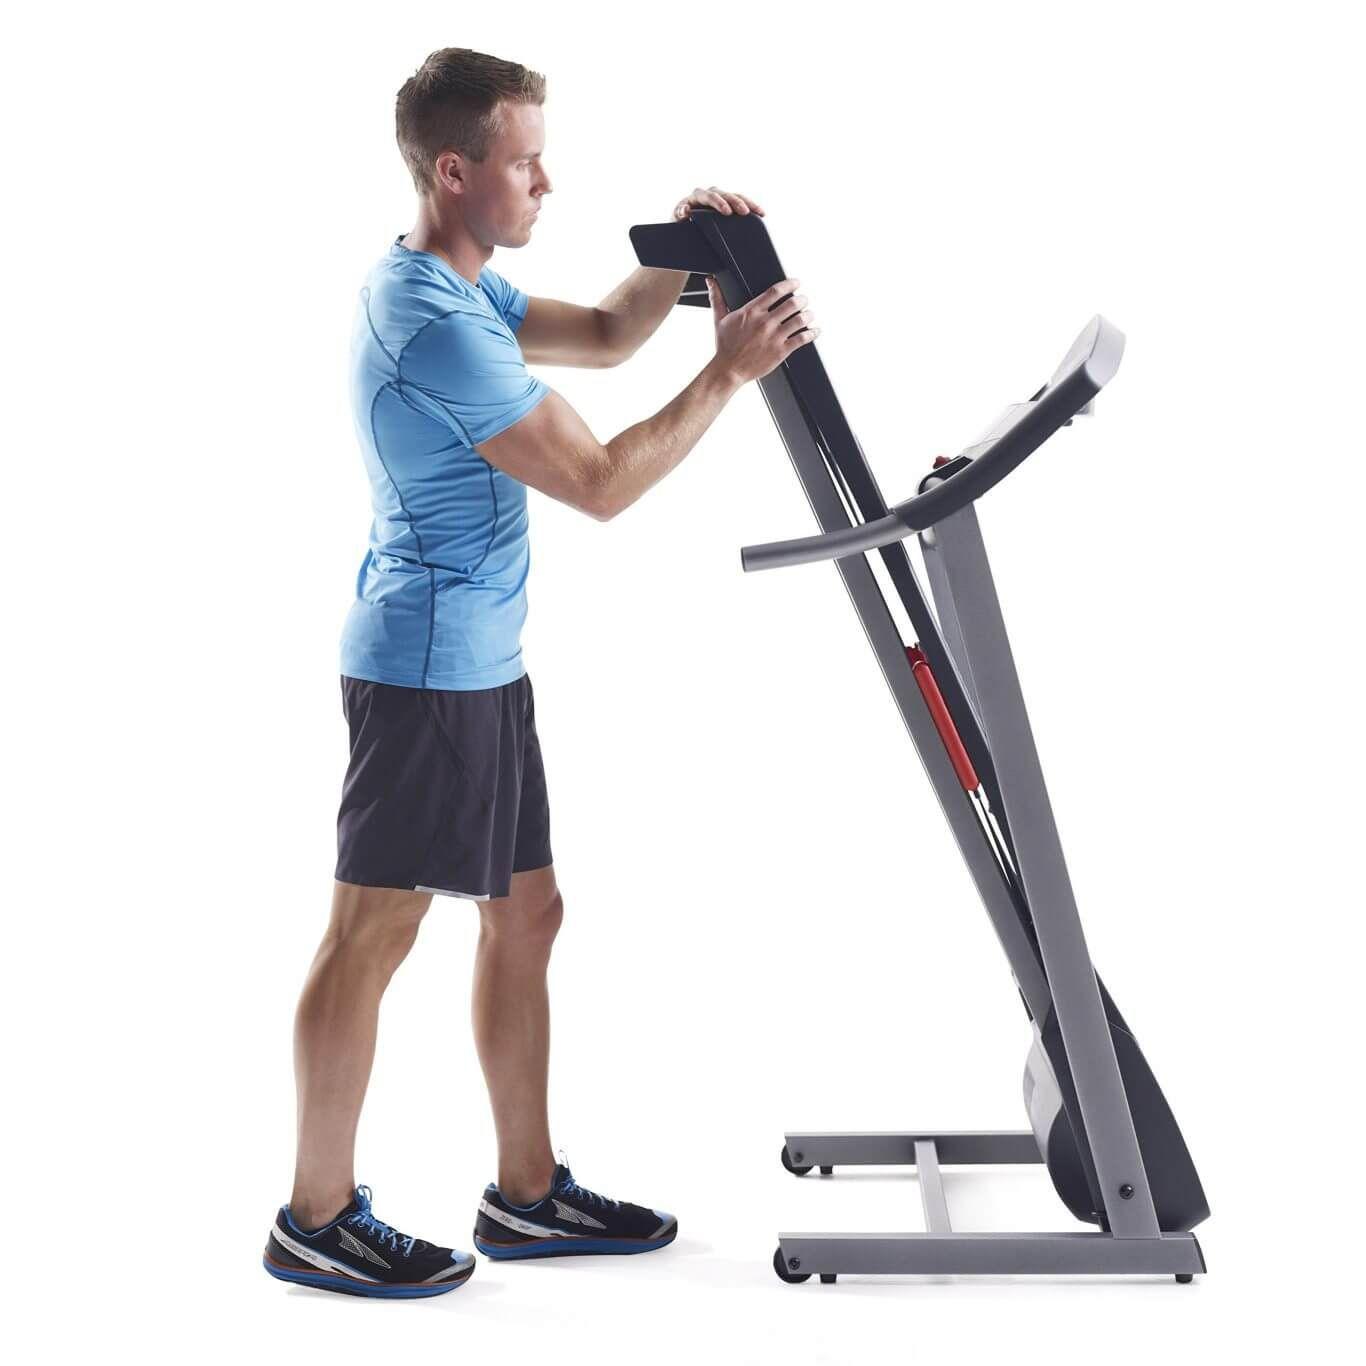 Pengalaman Beli Treadmill Dari Pengalaman Ayaiya Treadmill Gym Berat Badan